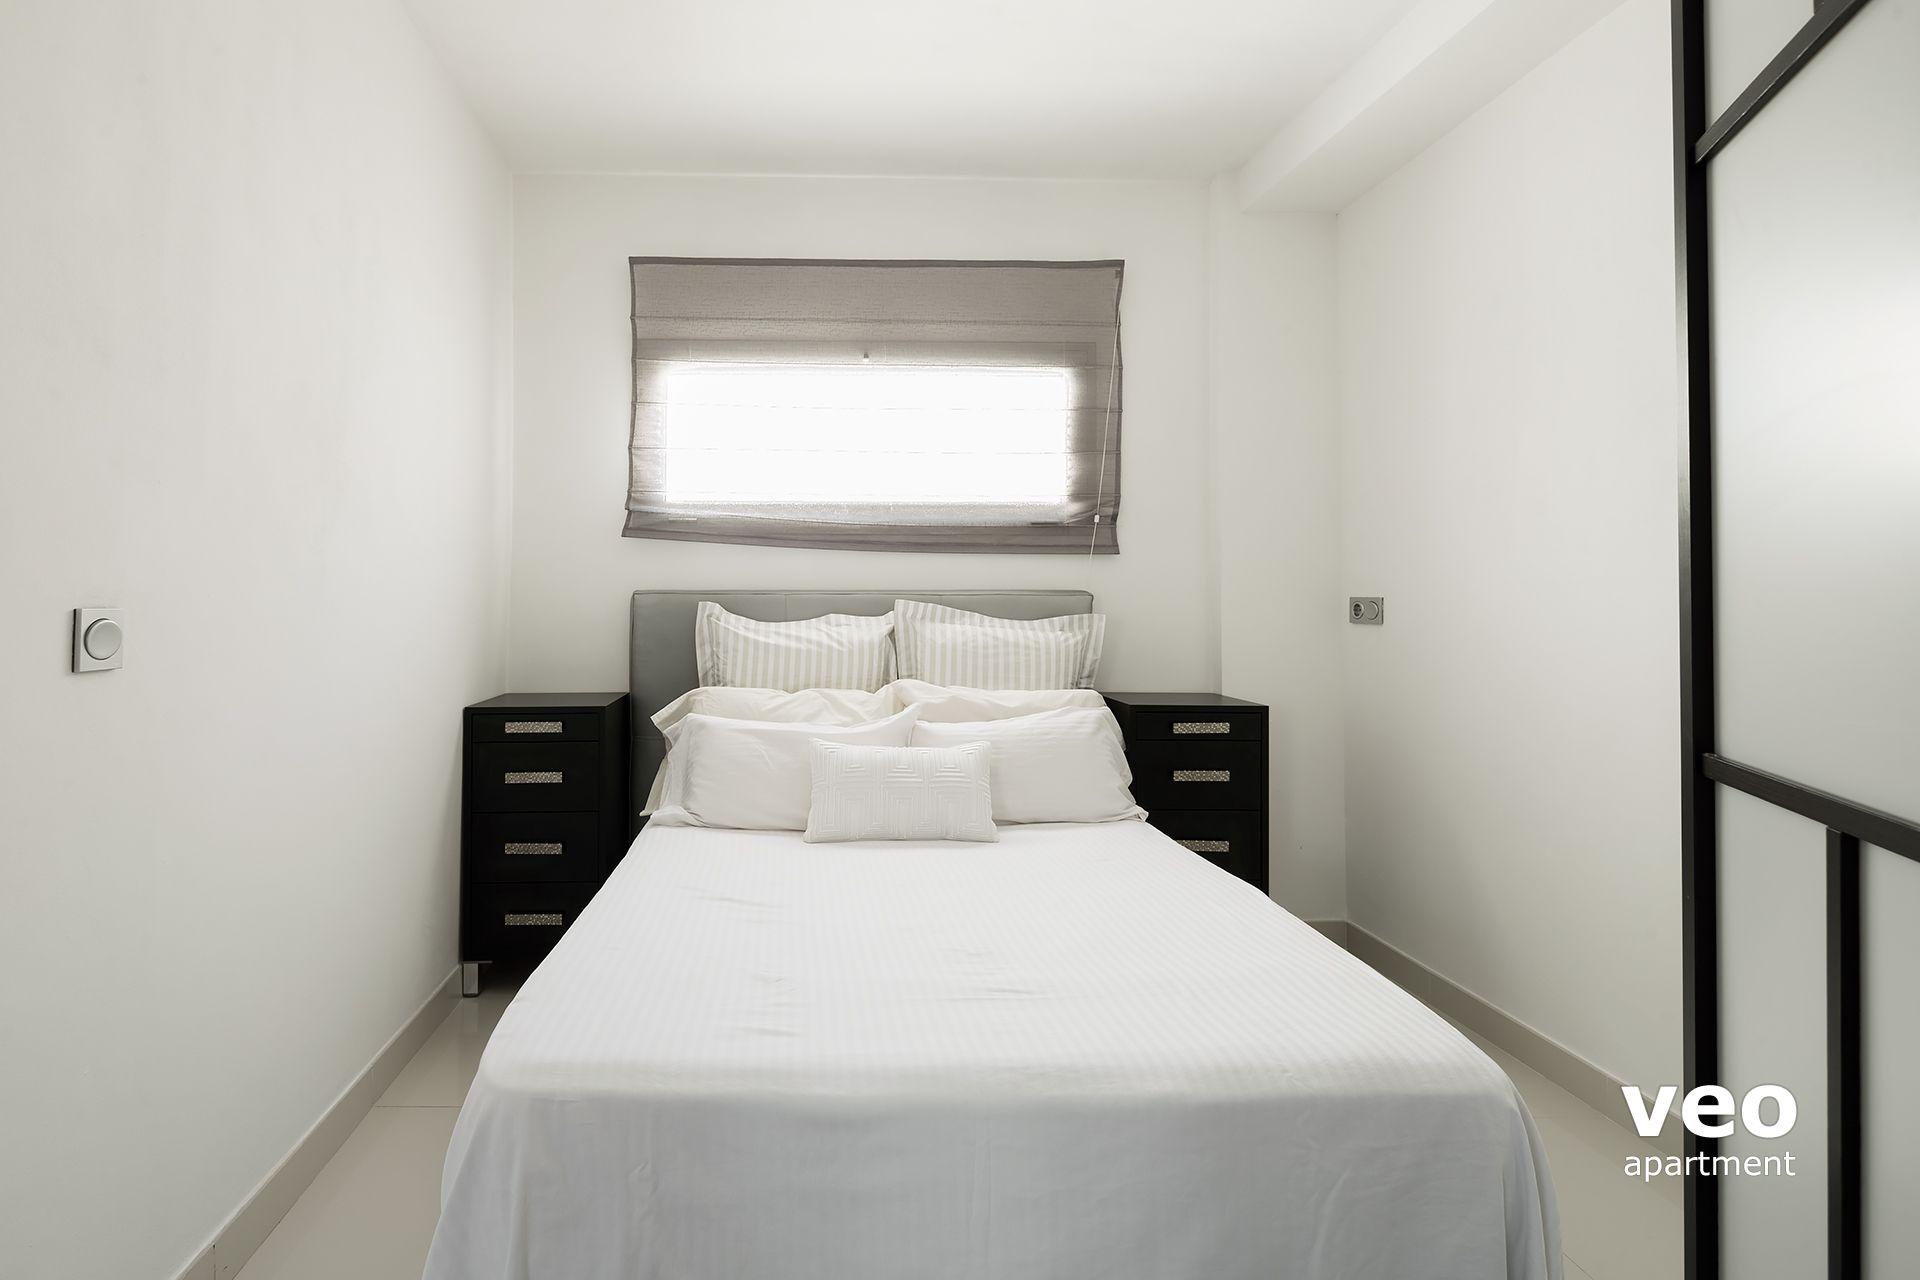 Appartement rue betis s ville espagne betis 4 location for Location appartement avec chambre sans fenetre